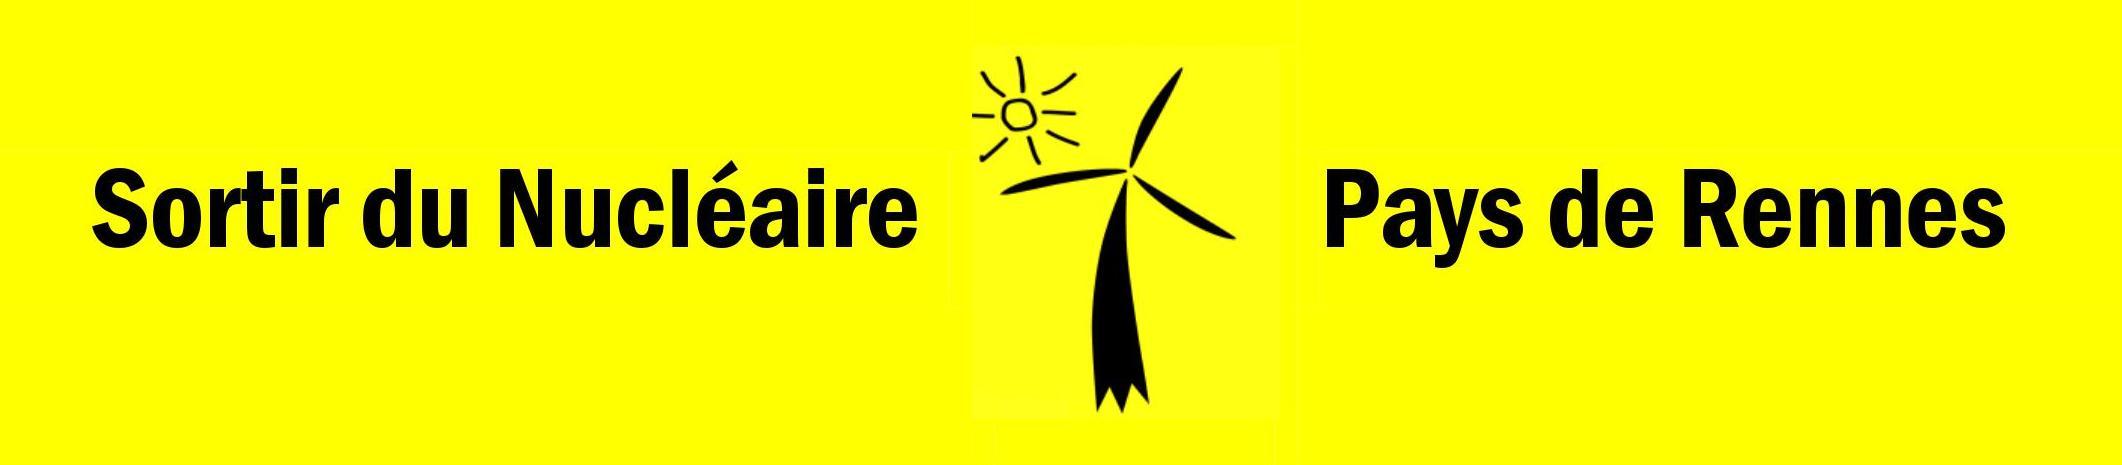 Sortir du nucléaire - pays de Rennes